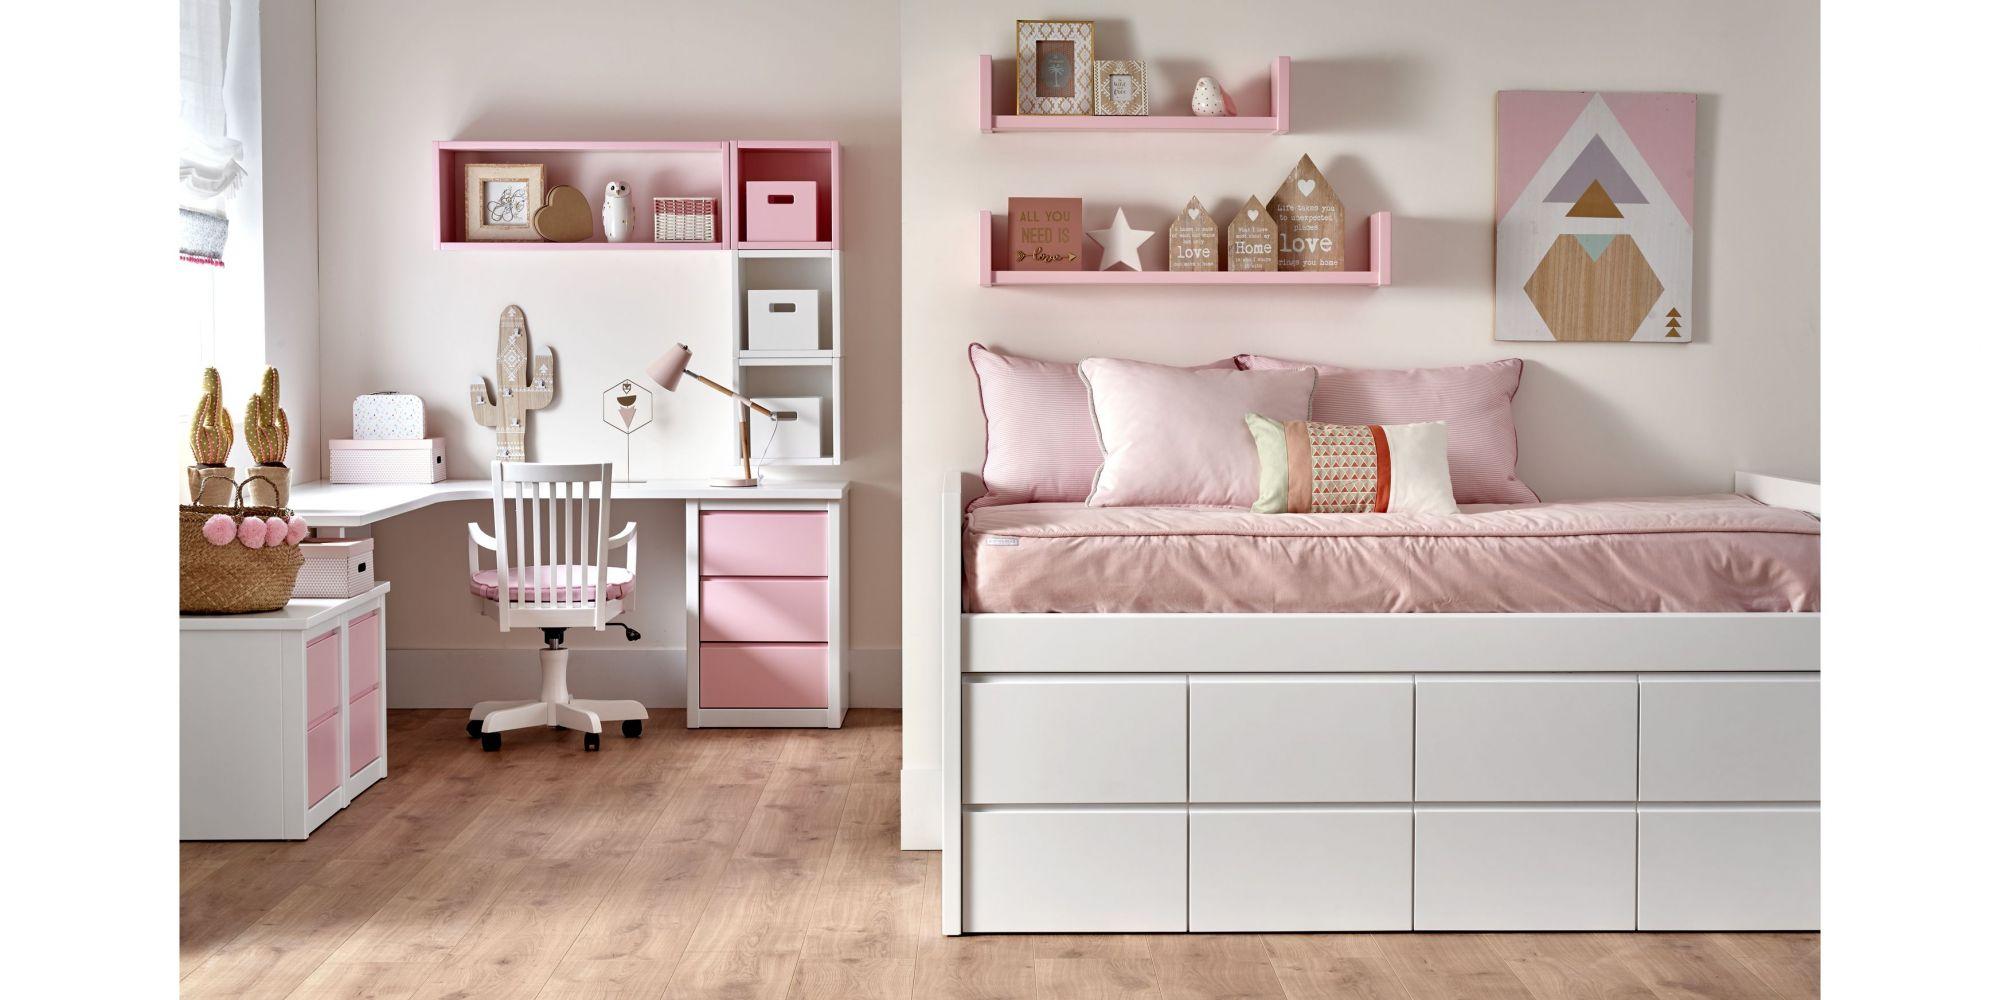 Habitación juvenil, cama con ocho cajones y zona de estudio color rosa